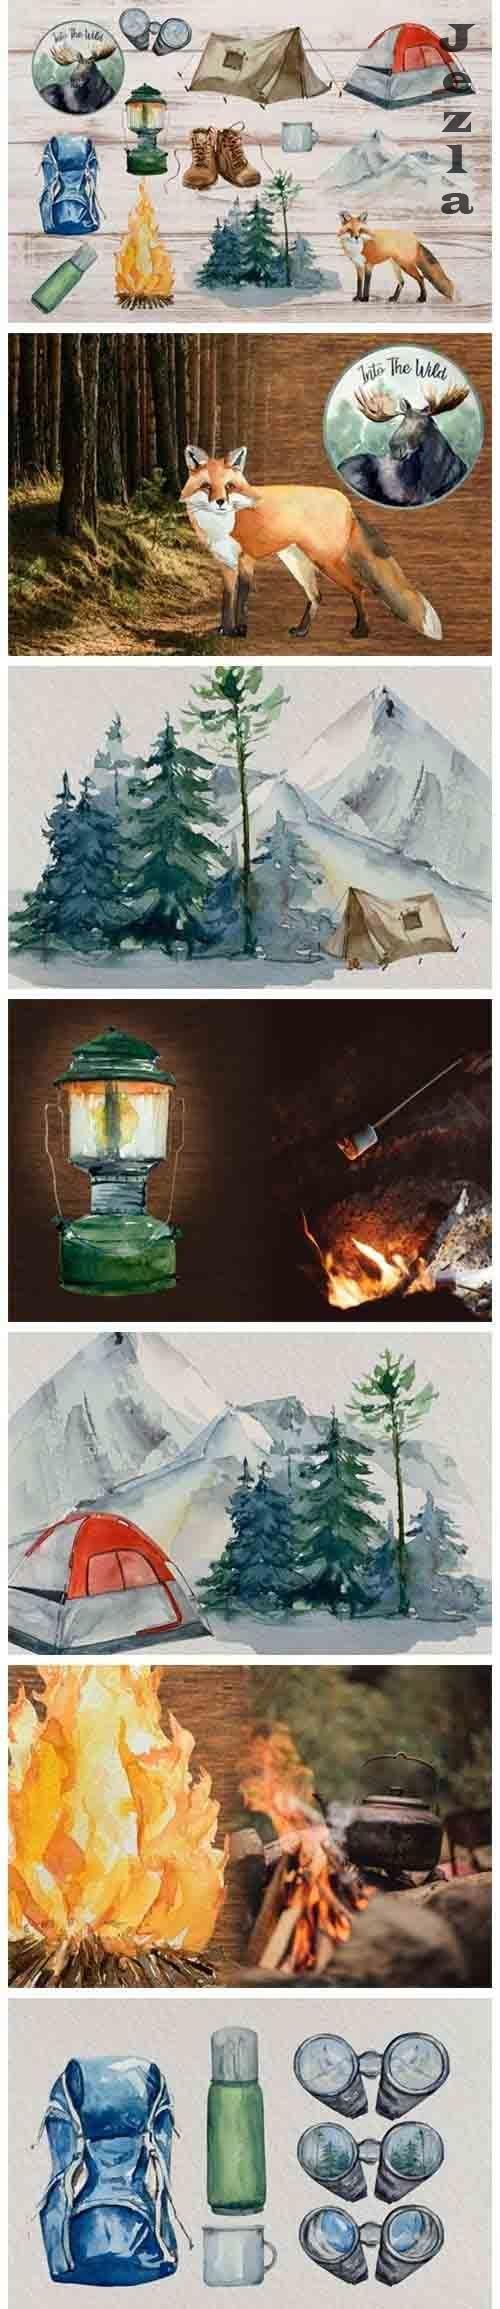 Adventure Clip Arts - Watercolor Set - 5611550